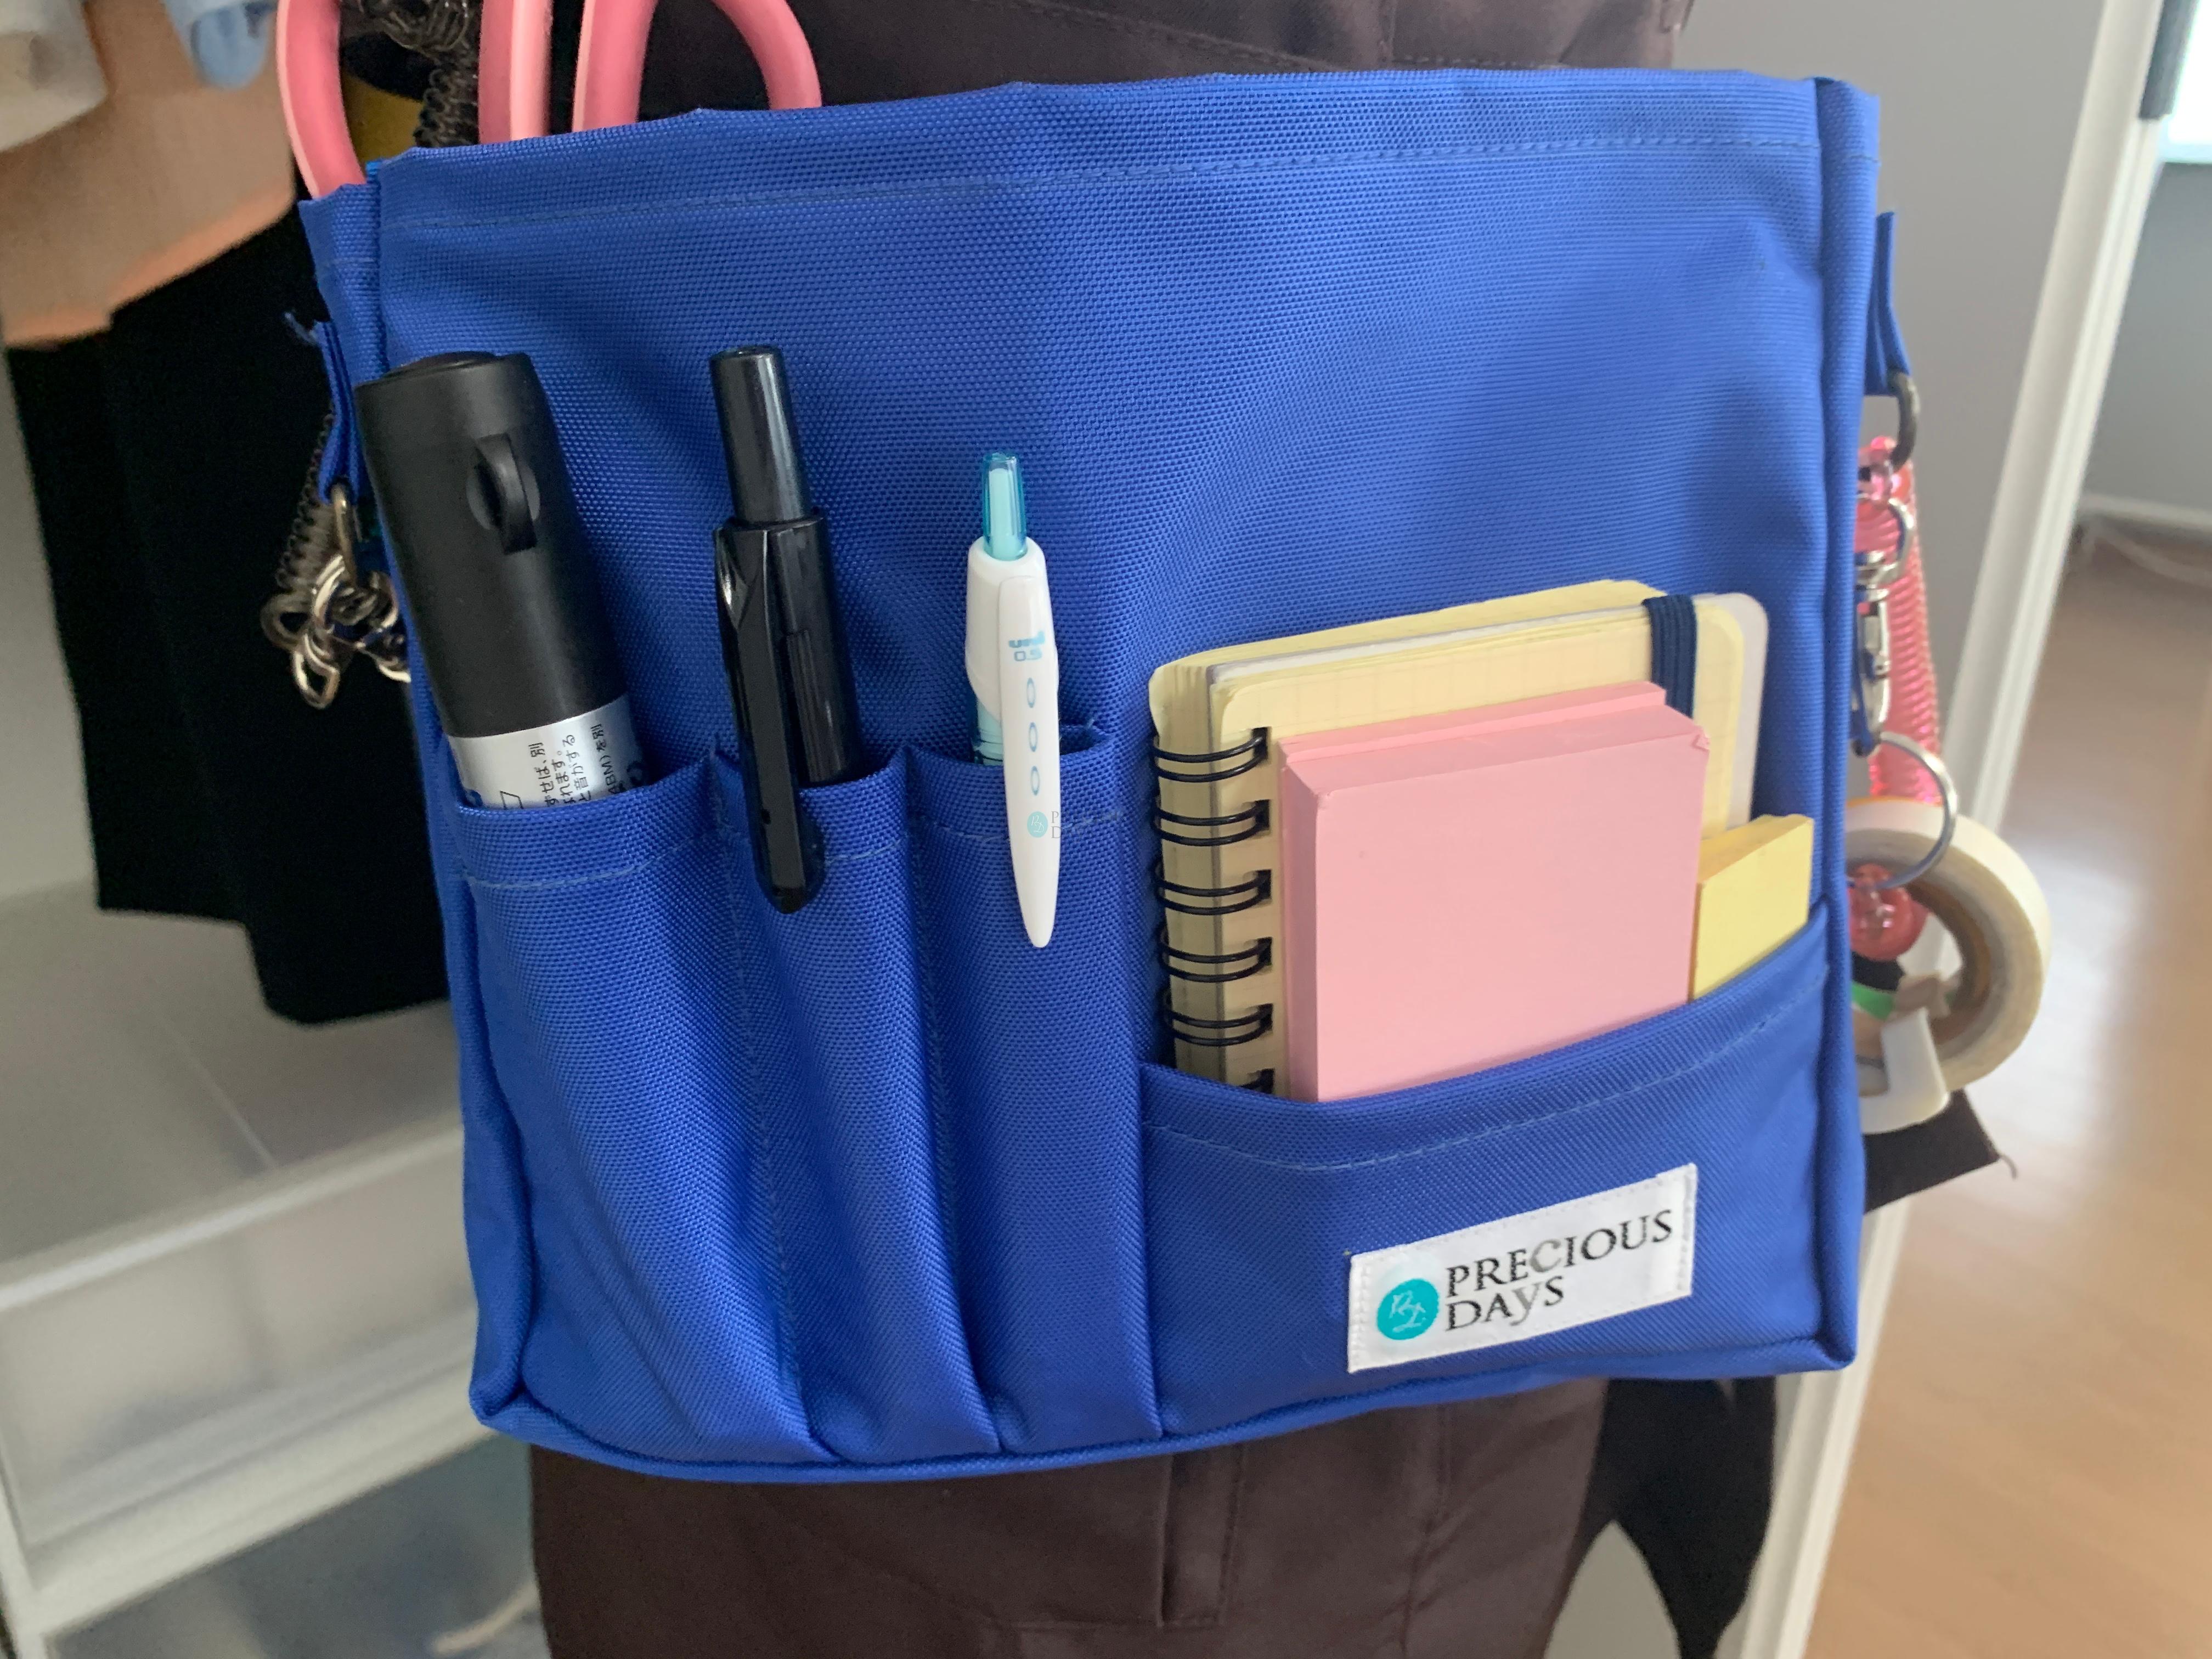 Preciousdaysバッグはコンパクトでもたくさん入ります